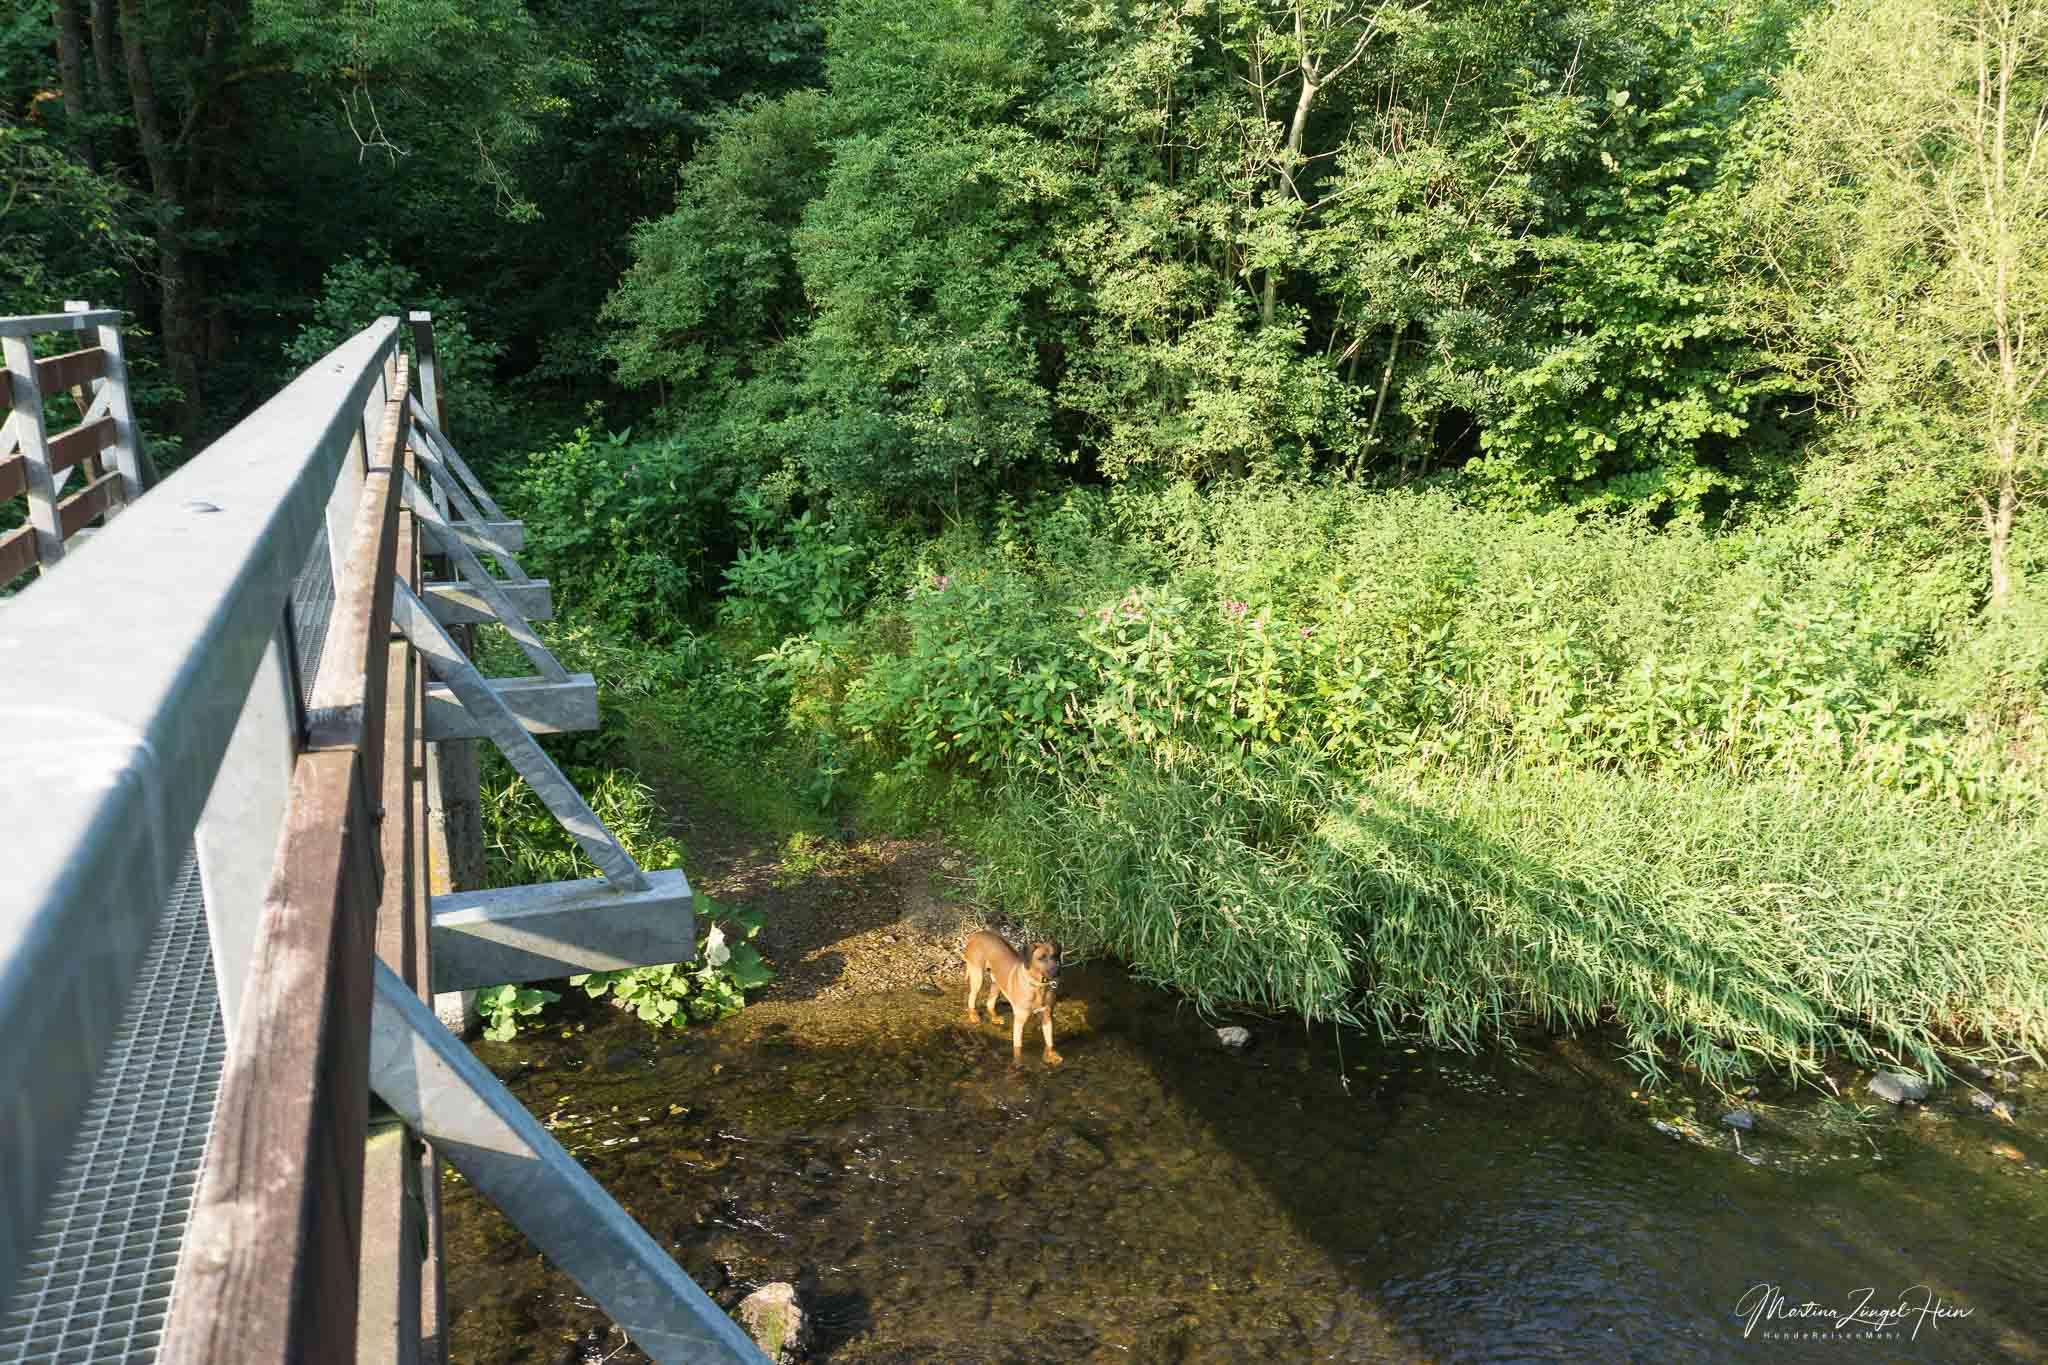 Dayo zieht es vor, durchs Wasser zu spazieren und nicht die Brücke zu nehmen